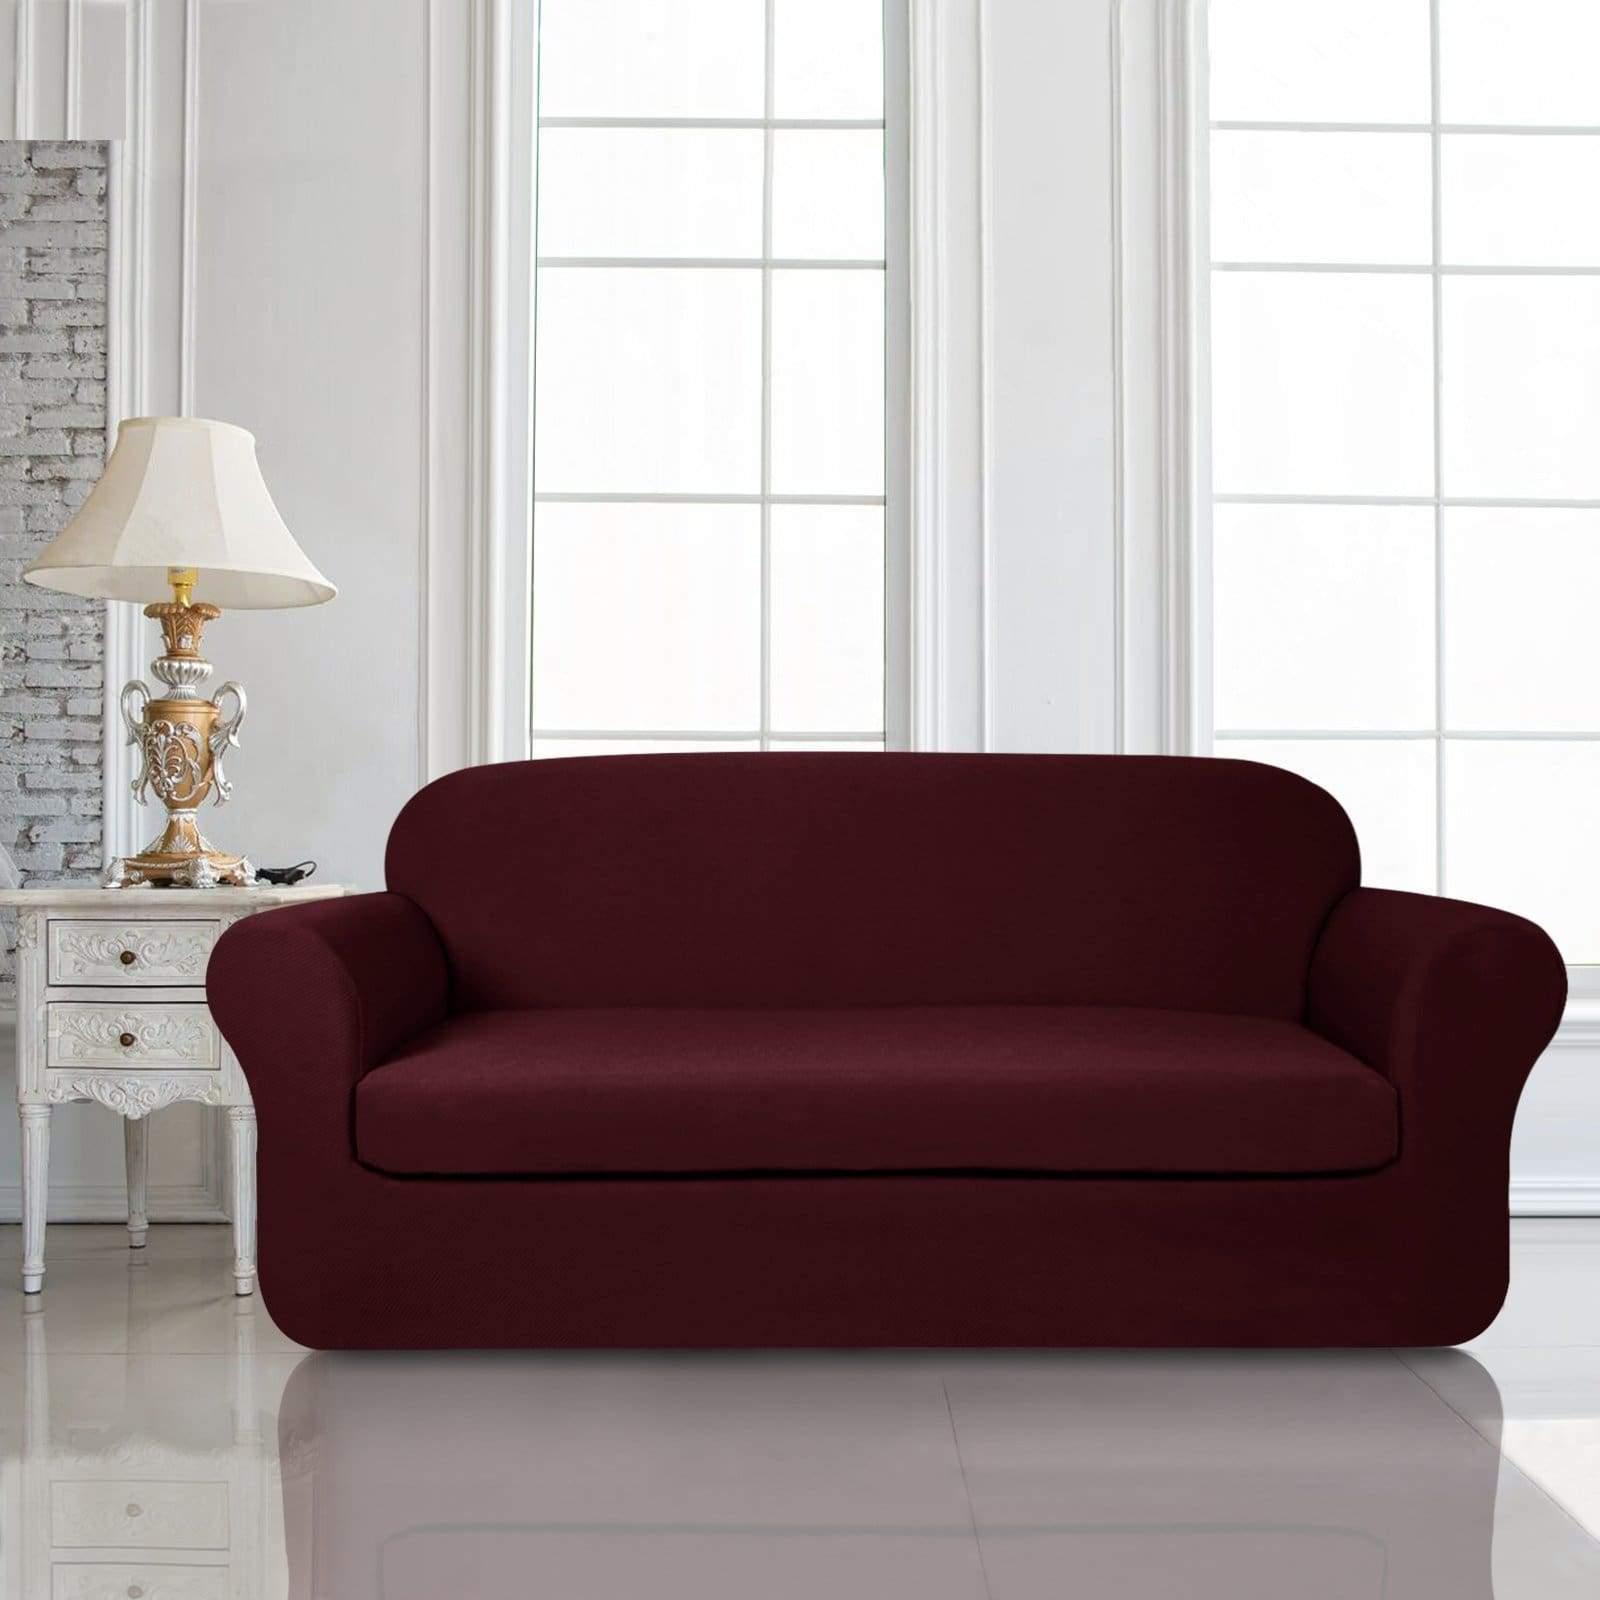 Subrtex Subrtex 2 Piece Square Knit Stretch Sofa